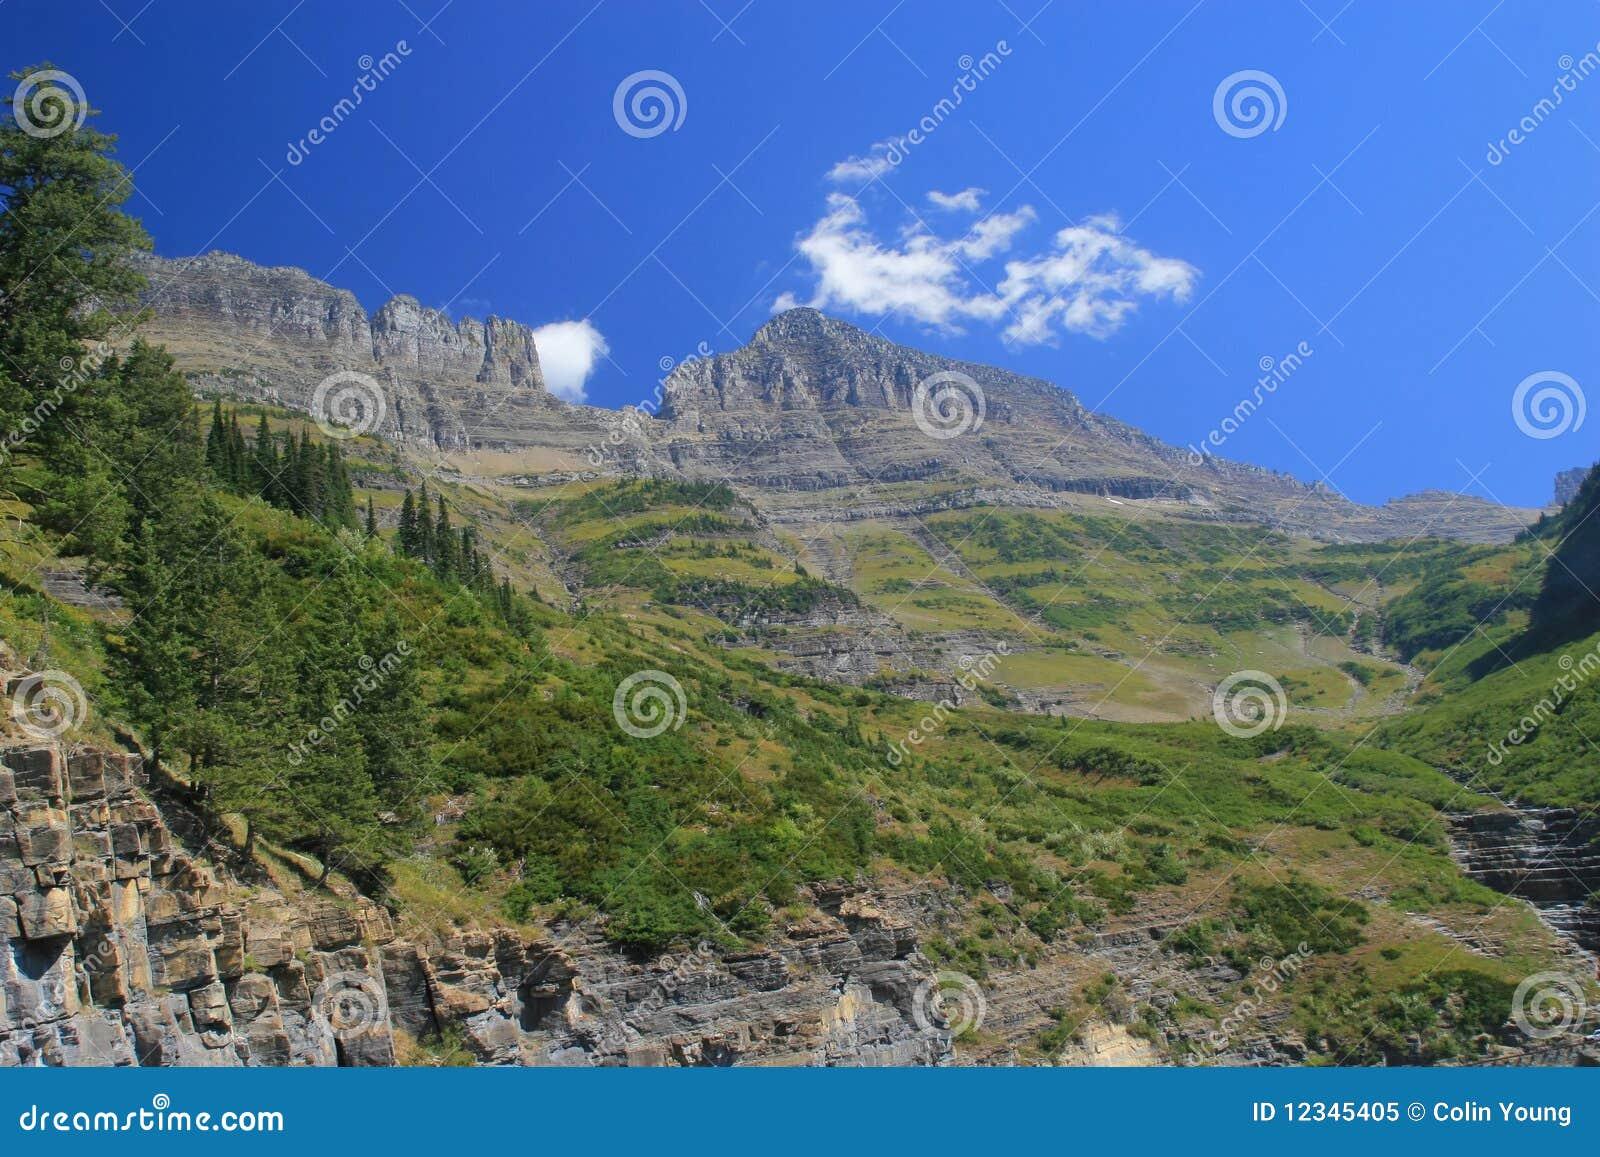 encoche de mur rideau image stock image du montagnes. Black Bedroom Furniture Sets. Home Design Ideas